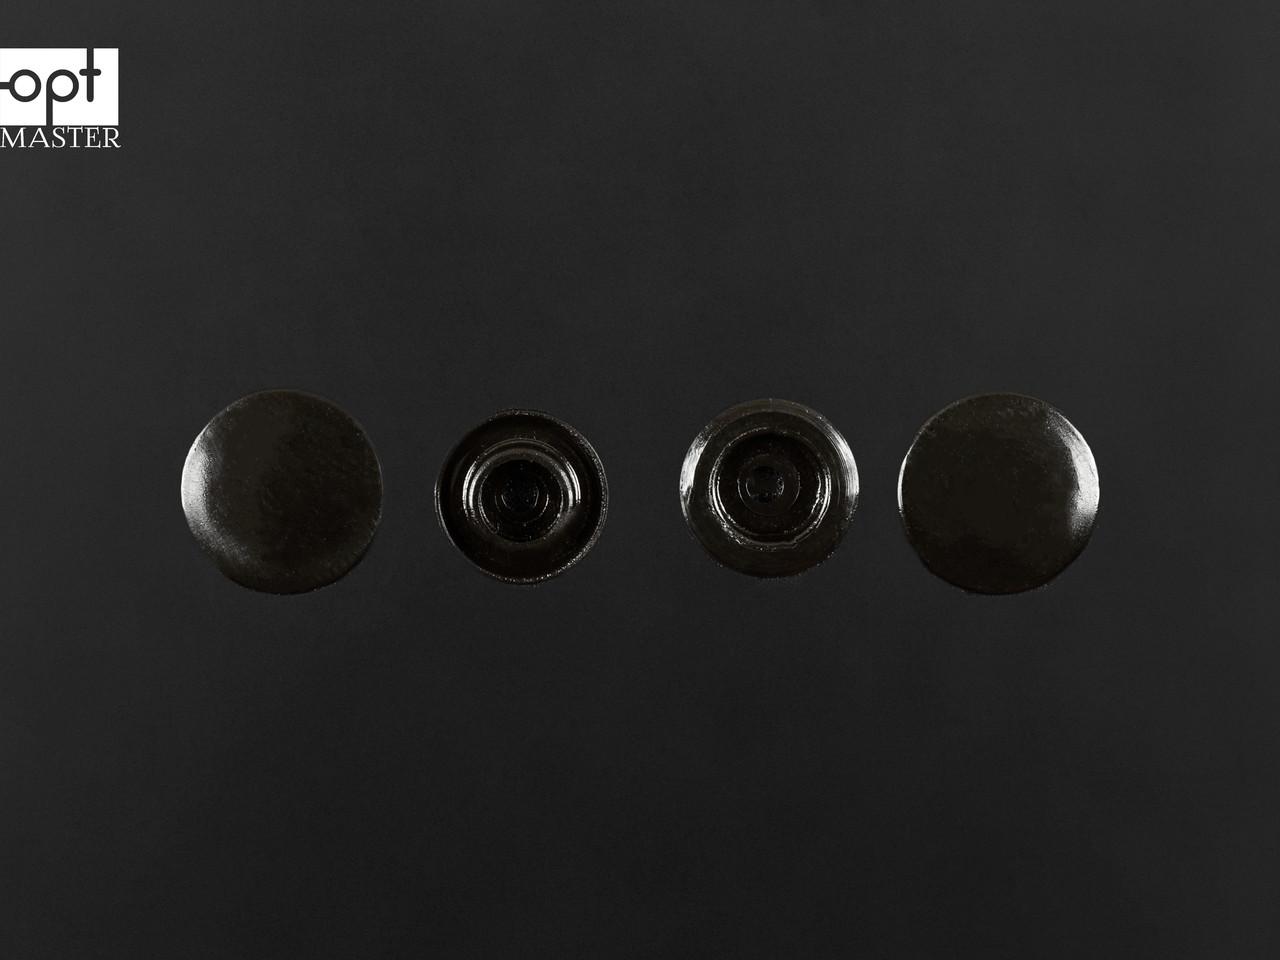 Кнопки пластик Т-5, 11,7 мм, цв. D19 чёрный (1000 шт / уп.)